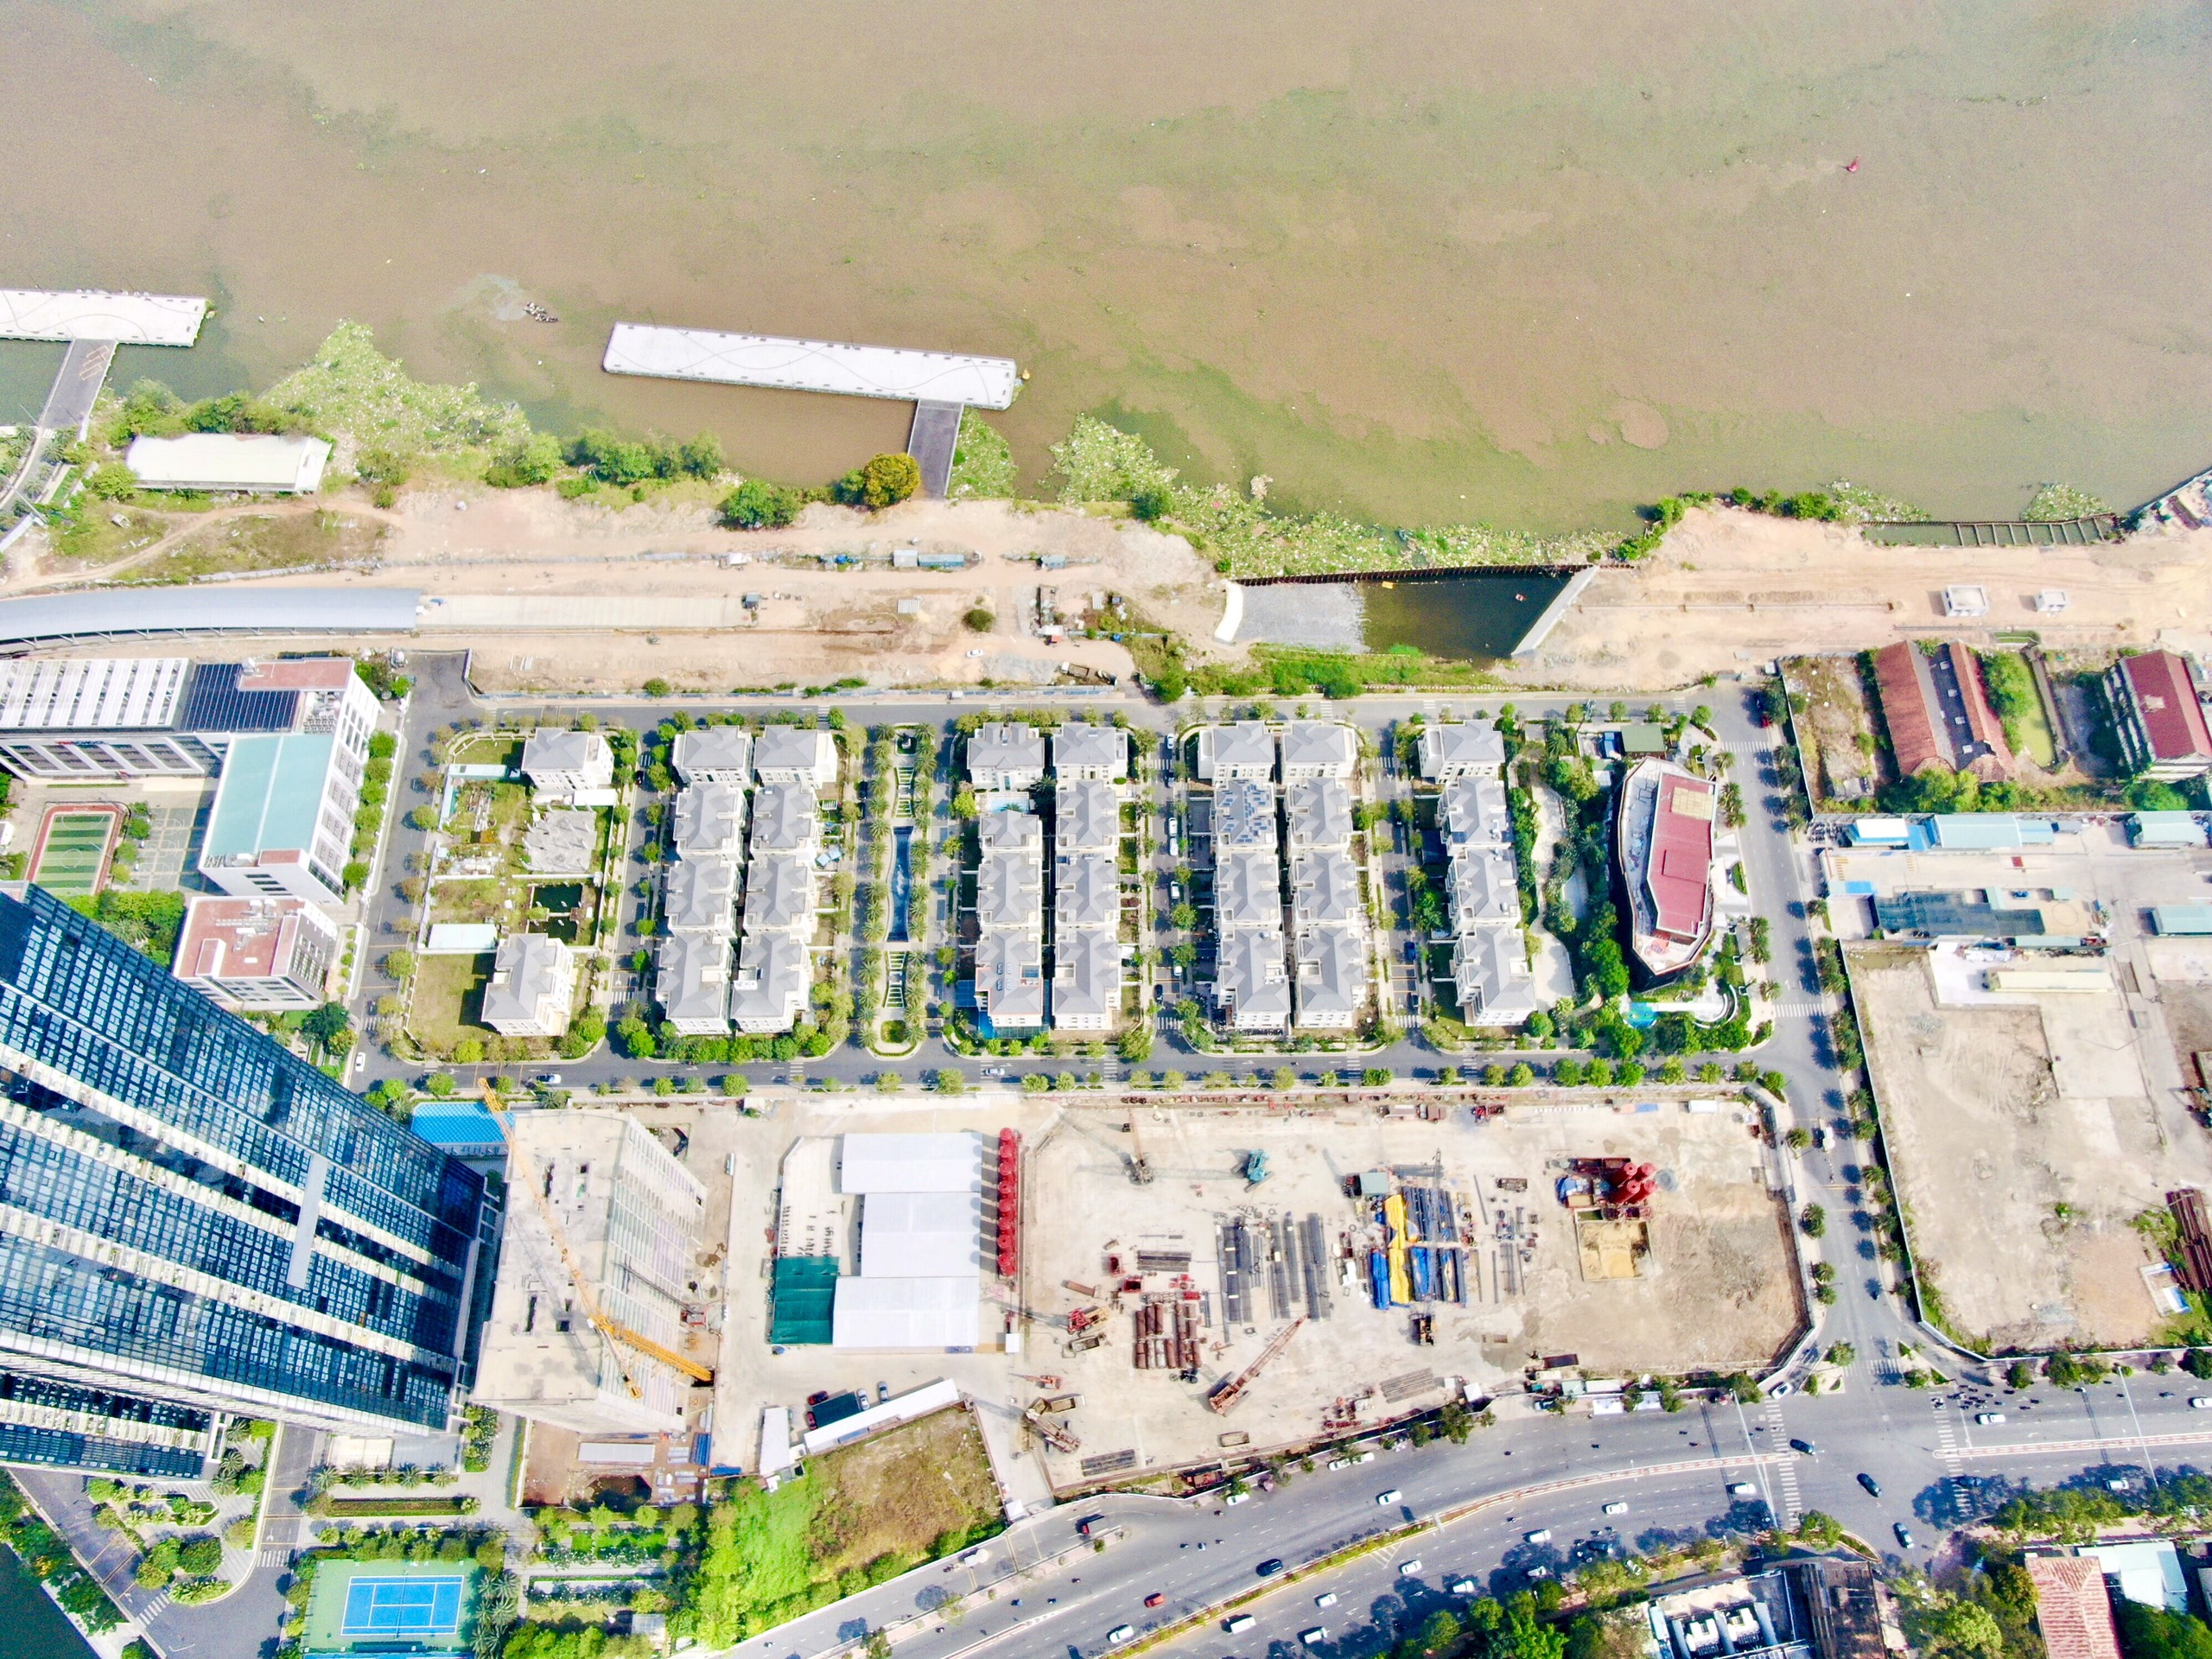 Tiến độ xây dựng dự và hình ảnh cảnh quan các góc view dự án Masterise Bason Quận 1 chủ đầu tư Masterise Group. Hotline 0812 756 888